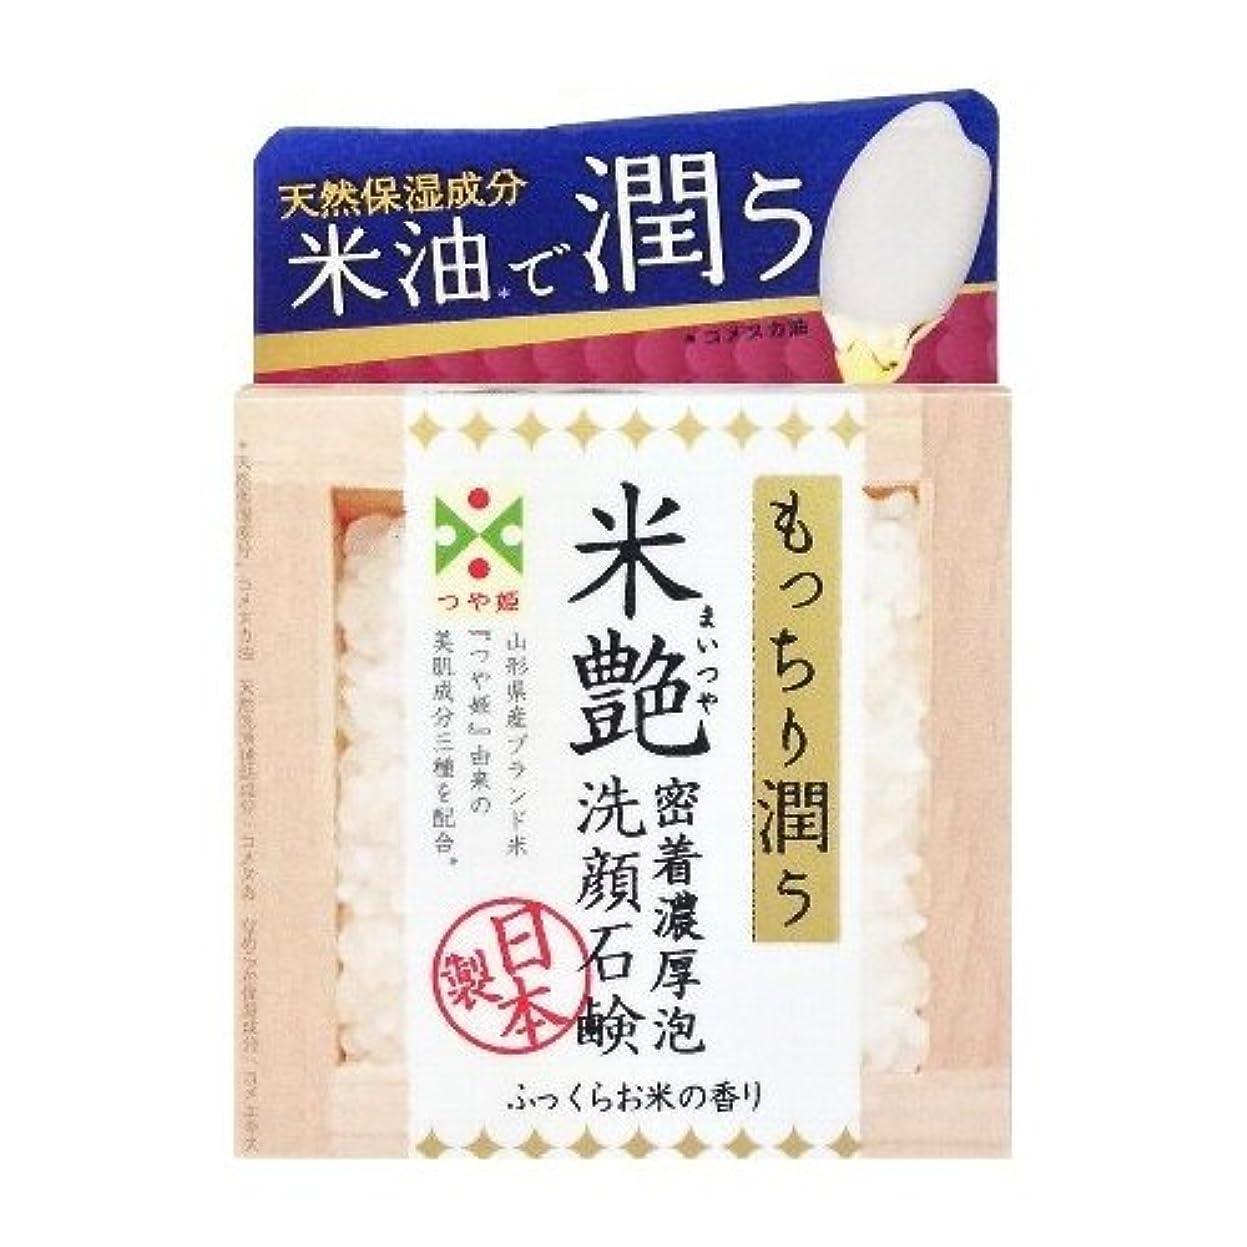 ホスト歪めるマークされたペリカン石鹸 米艶洗顔石鹸 100g